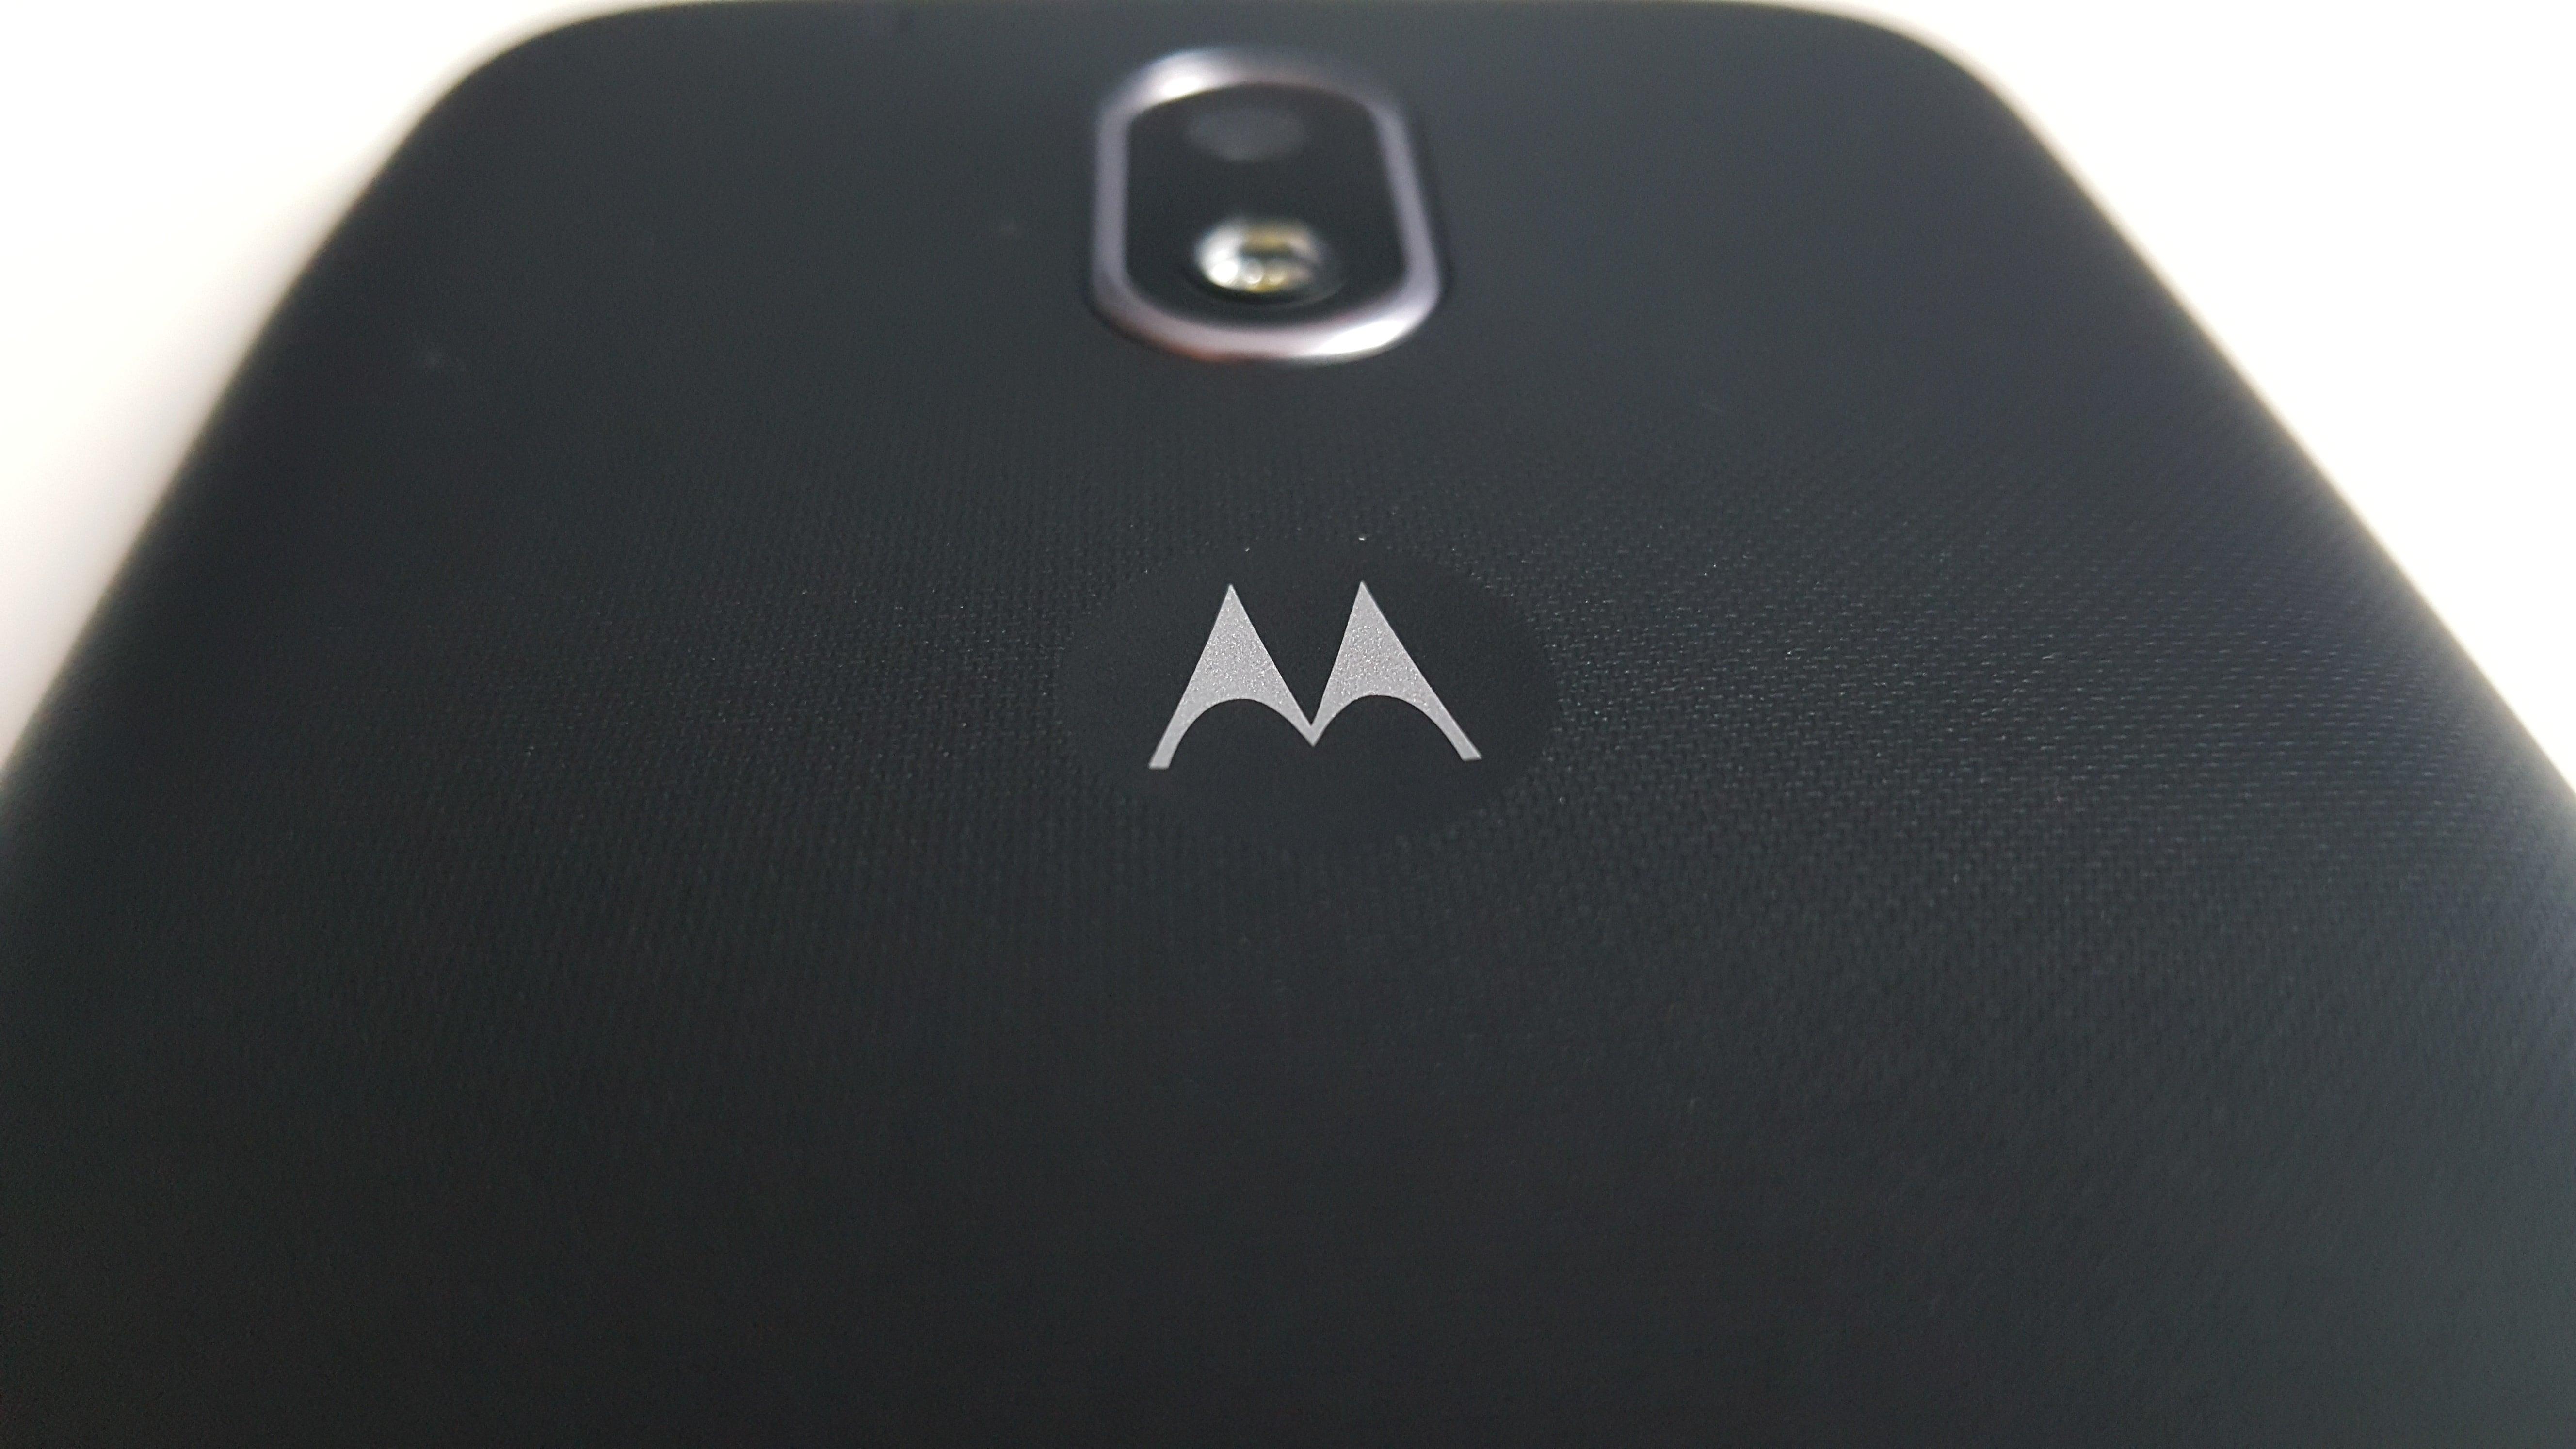 Lenovo Moto G5 w dniu premiery może być tańsza niż Moto G4 29